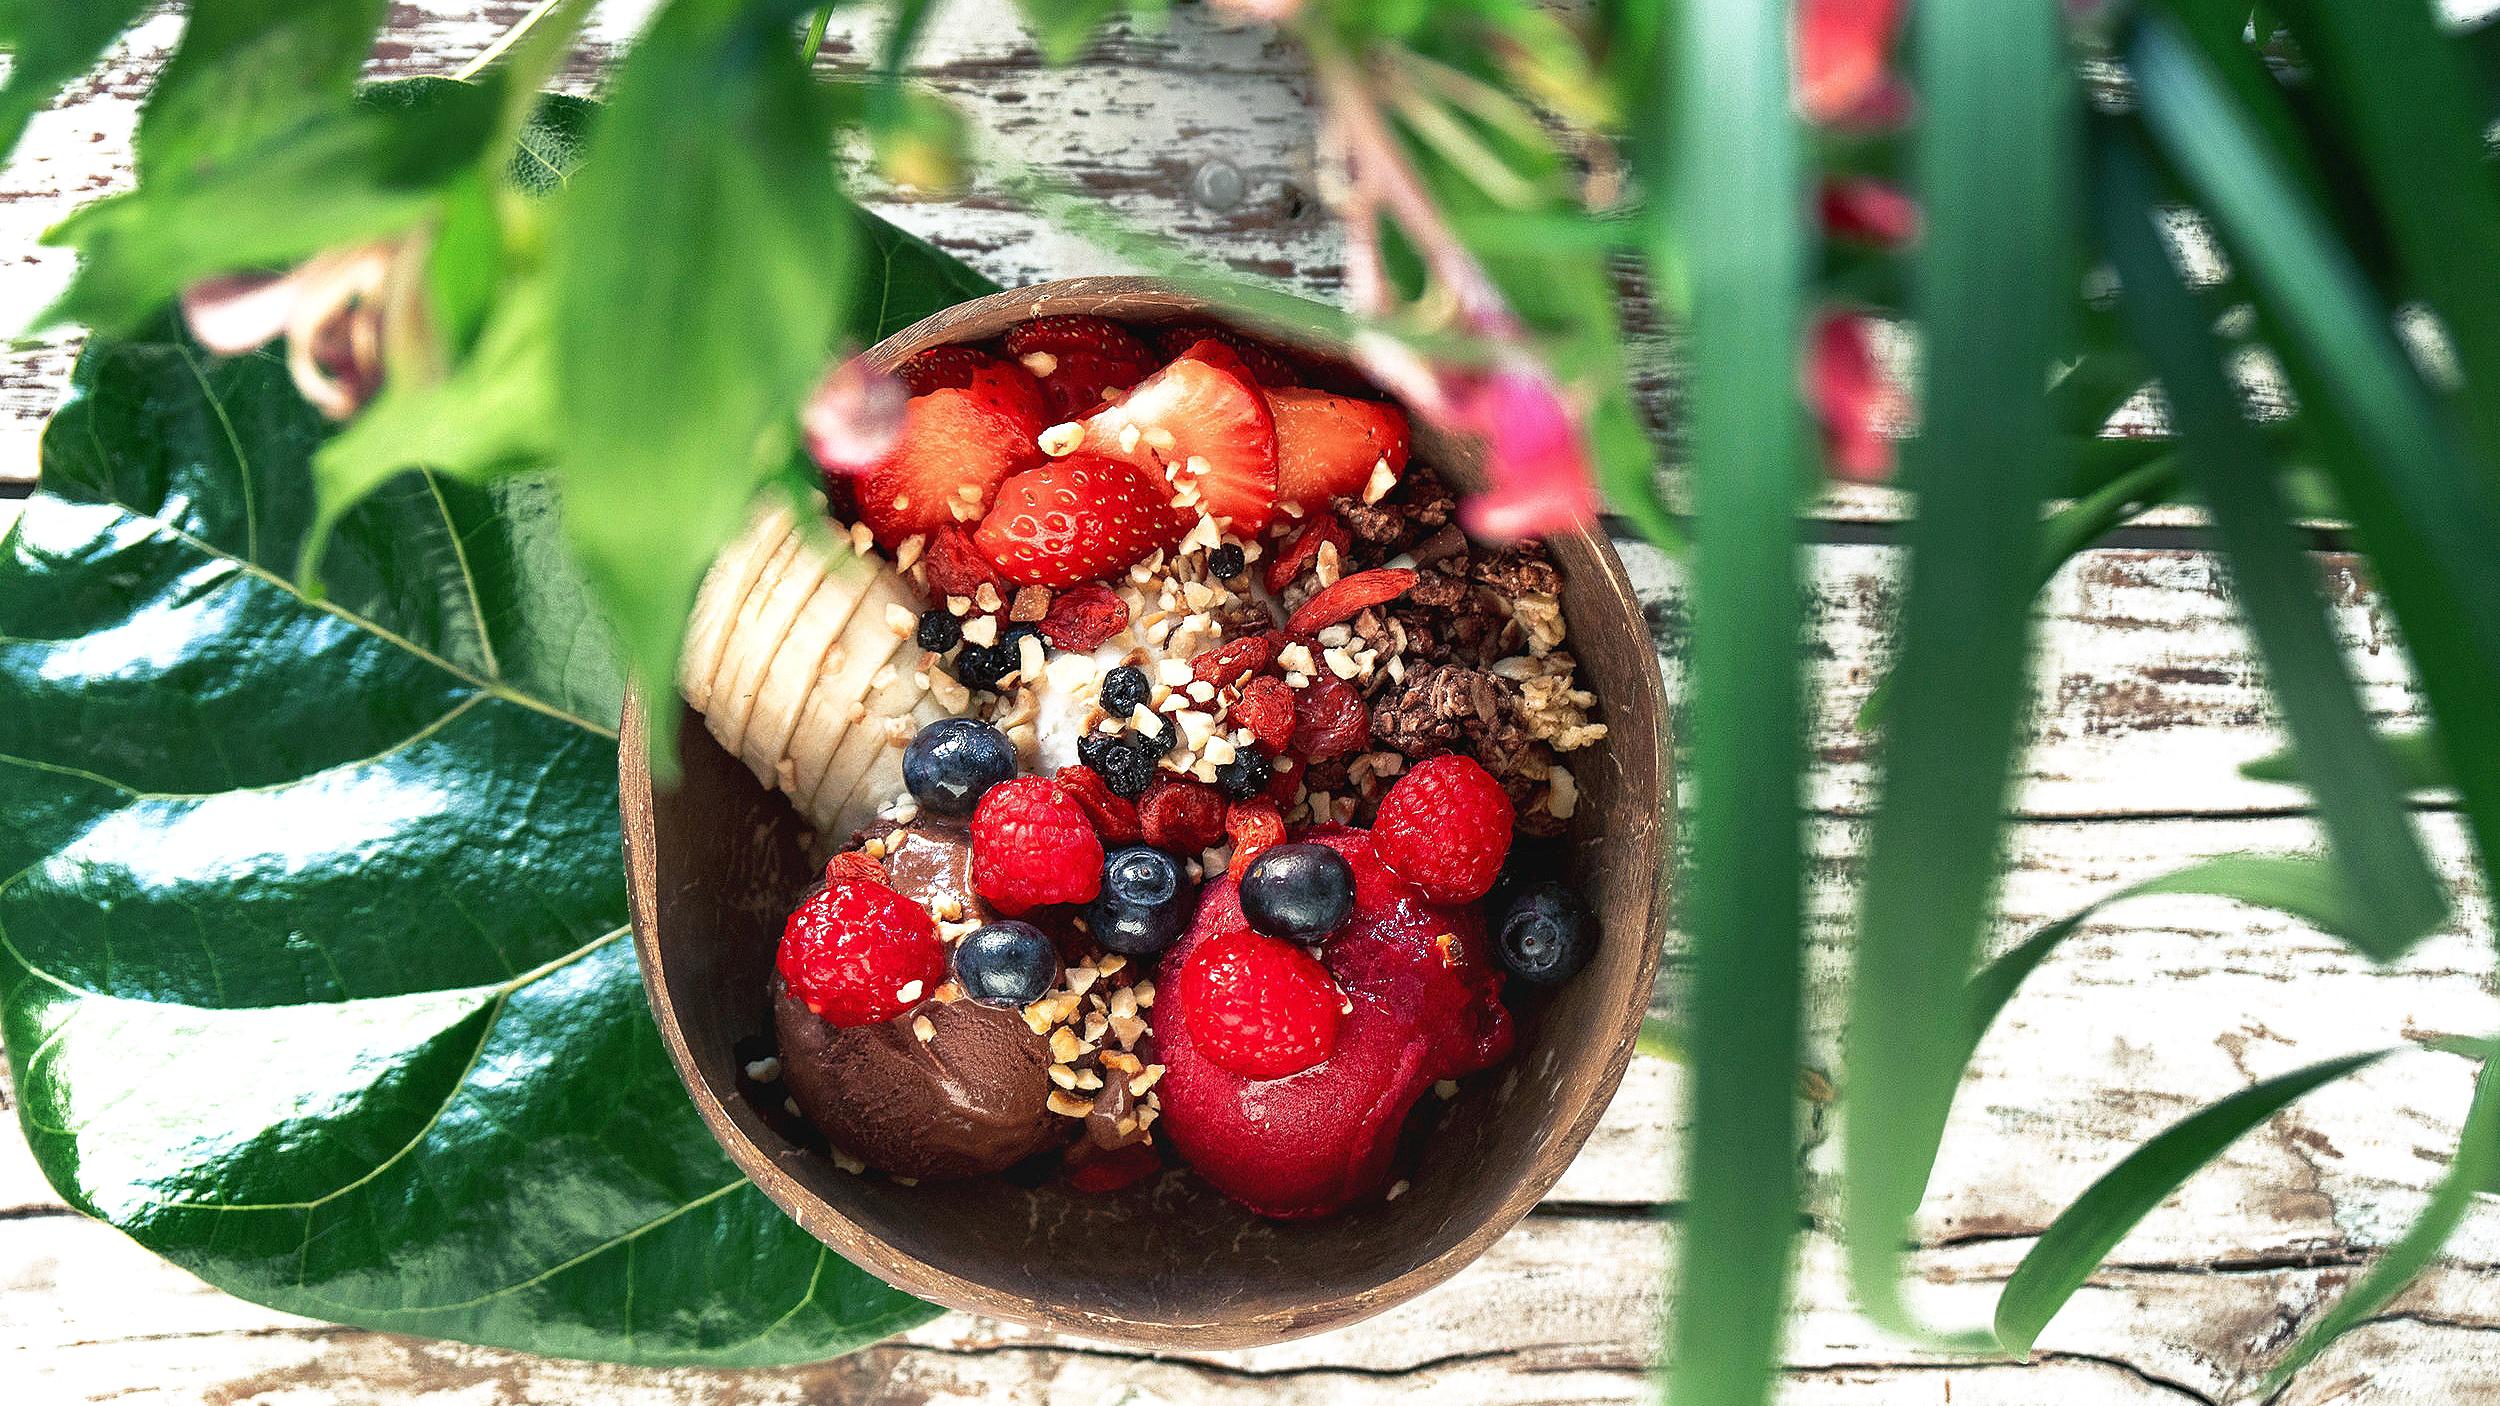 COCCO SUPREME - Eis, Früchte, Toppings und ganz viel AMORE